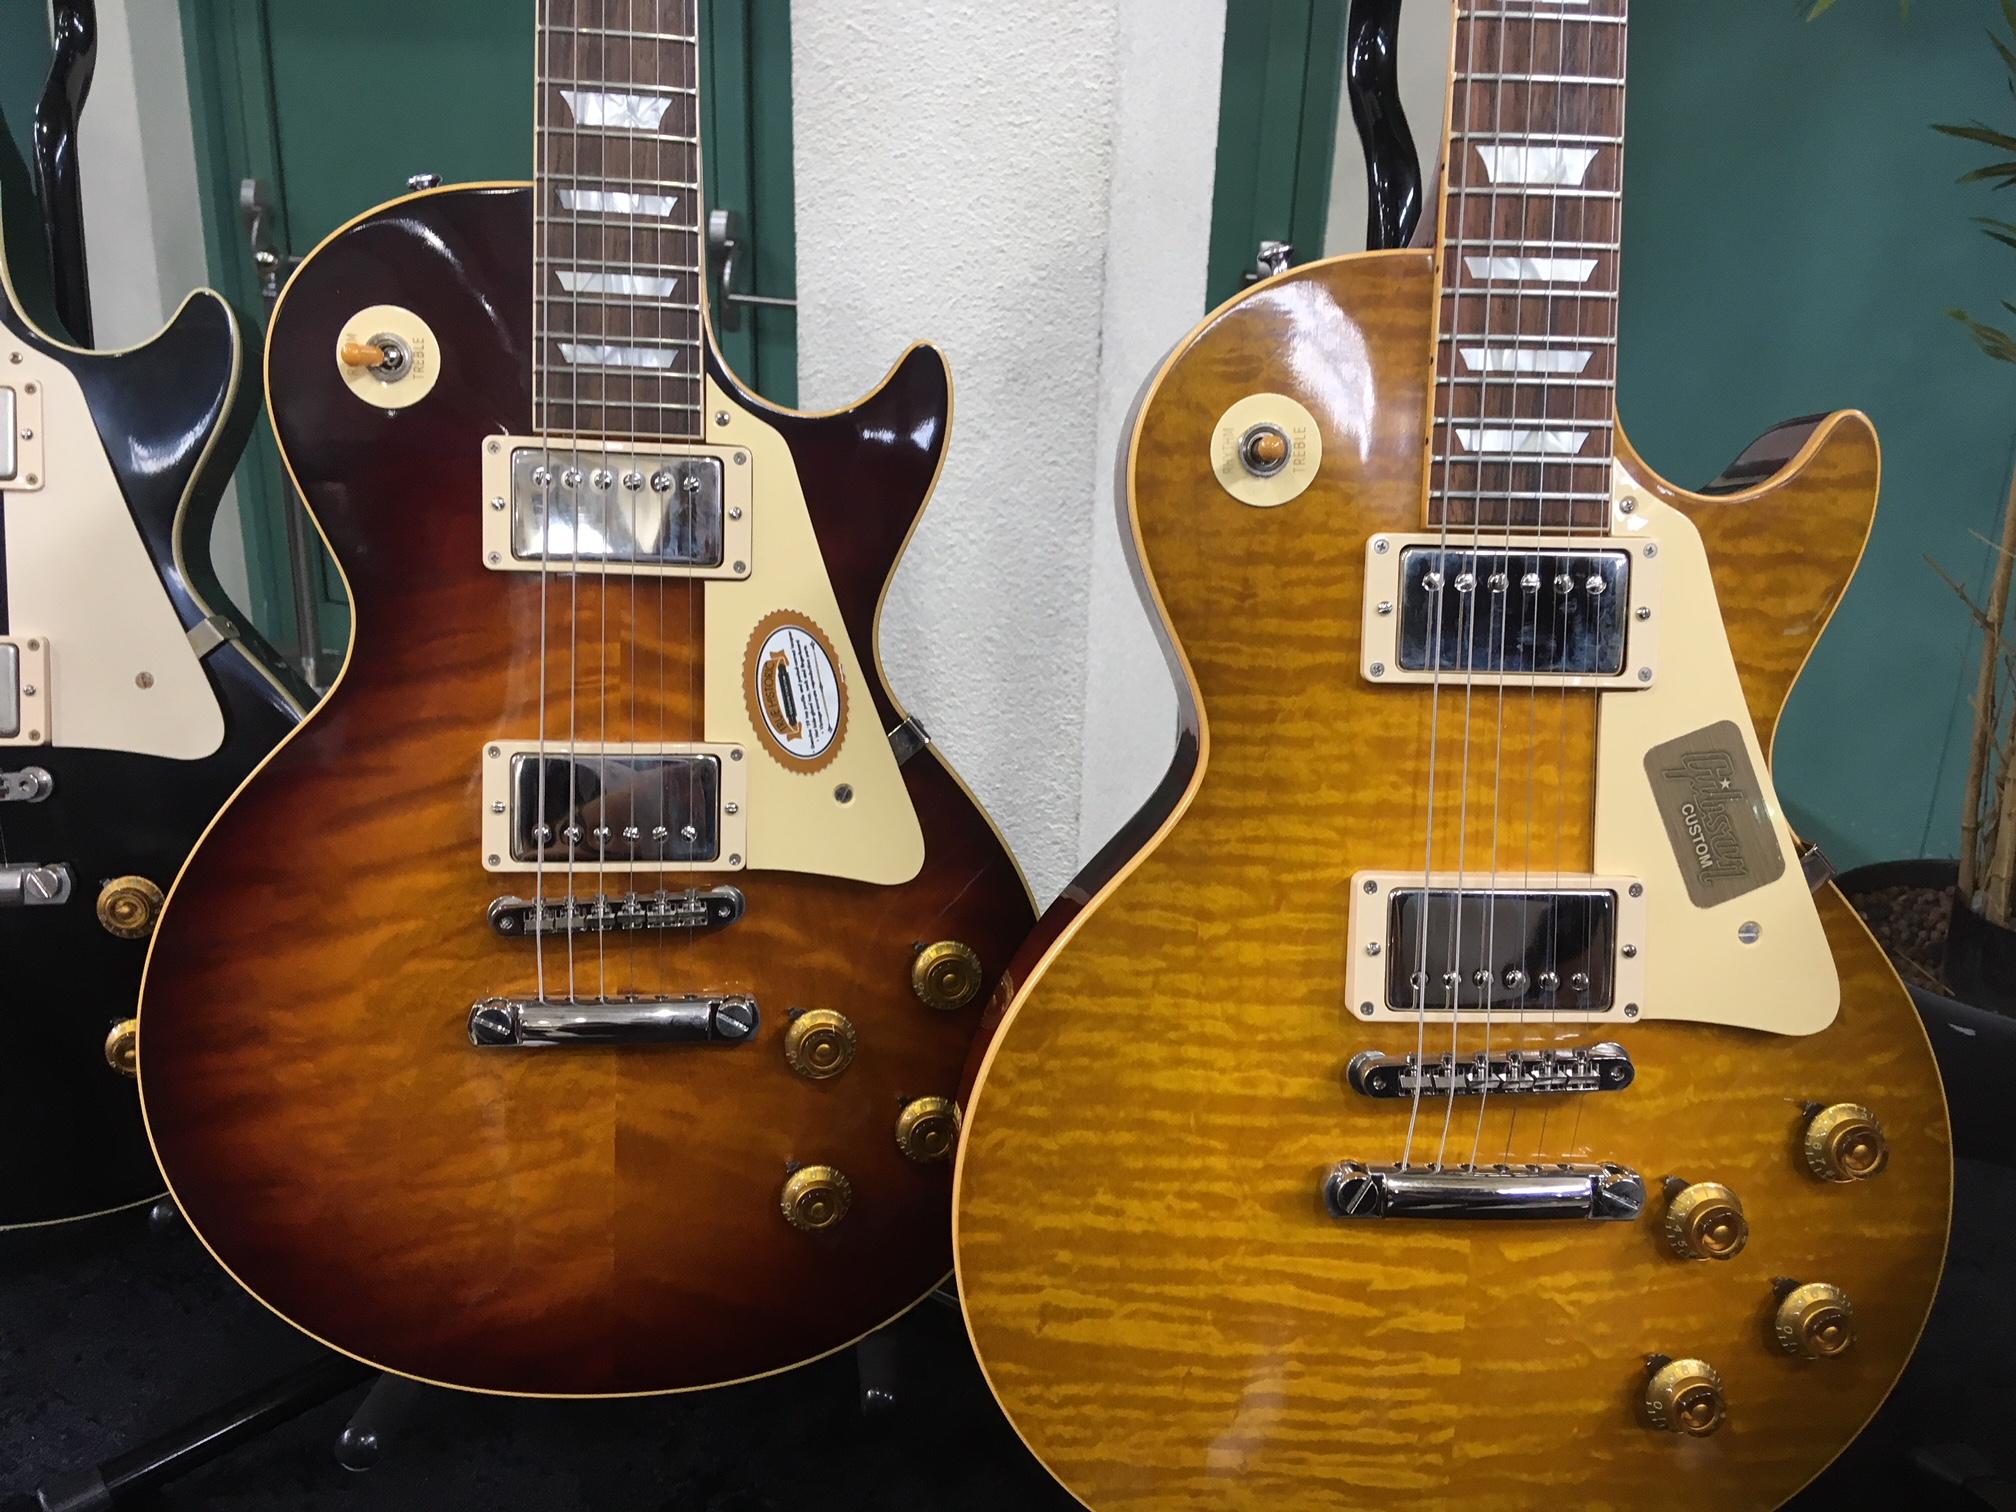 Gibson's Custom Shop Gitarren sind immer wieder eine Augenweide!